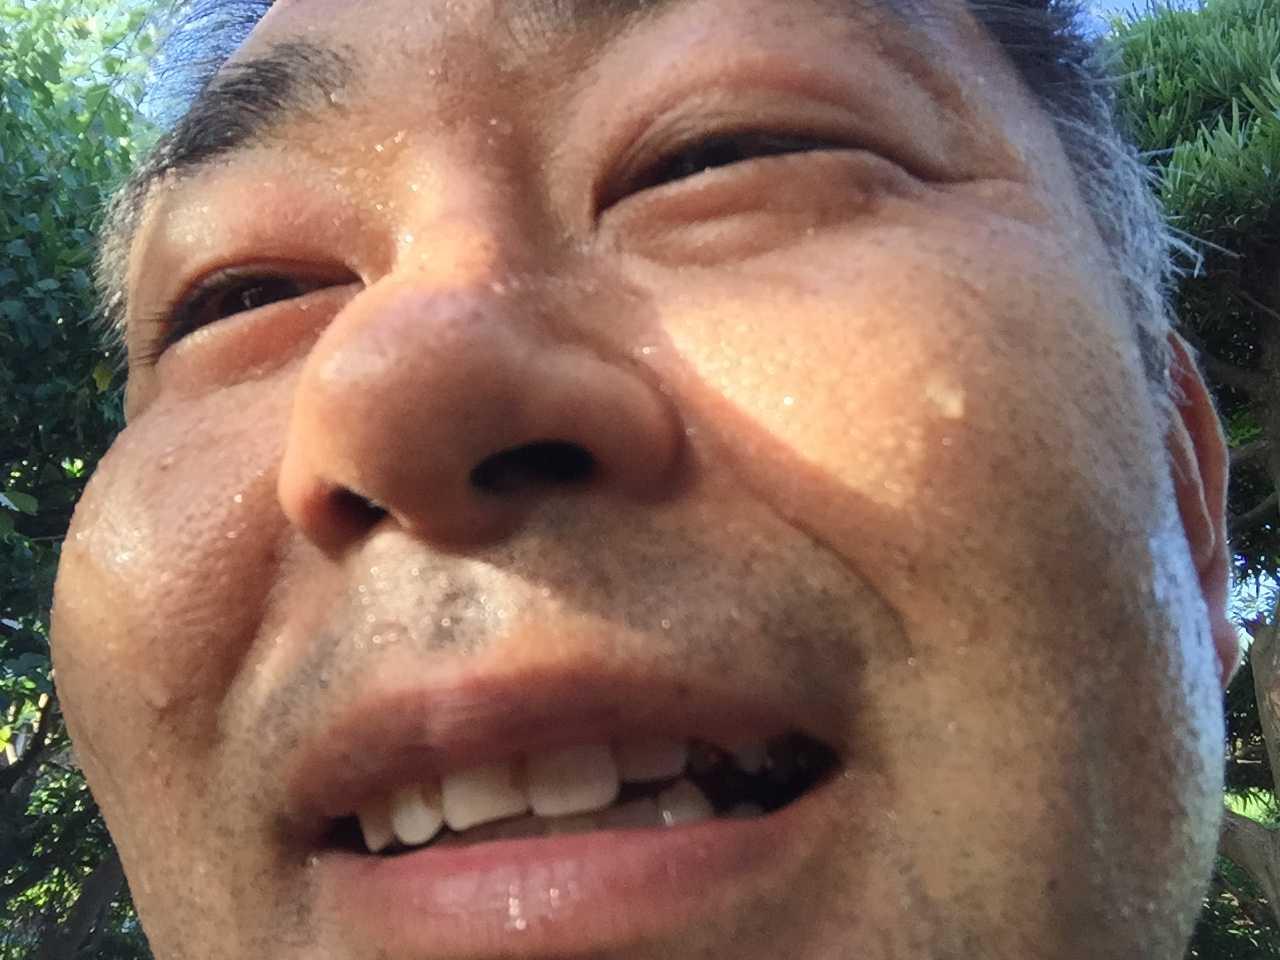 村内伸弘 - 笑い顔